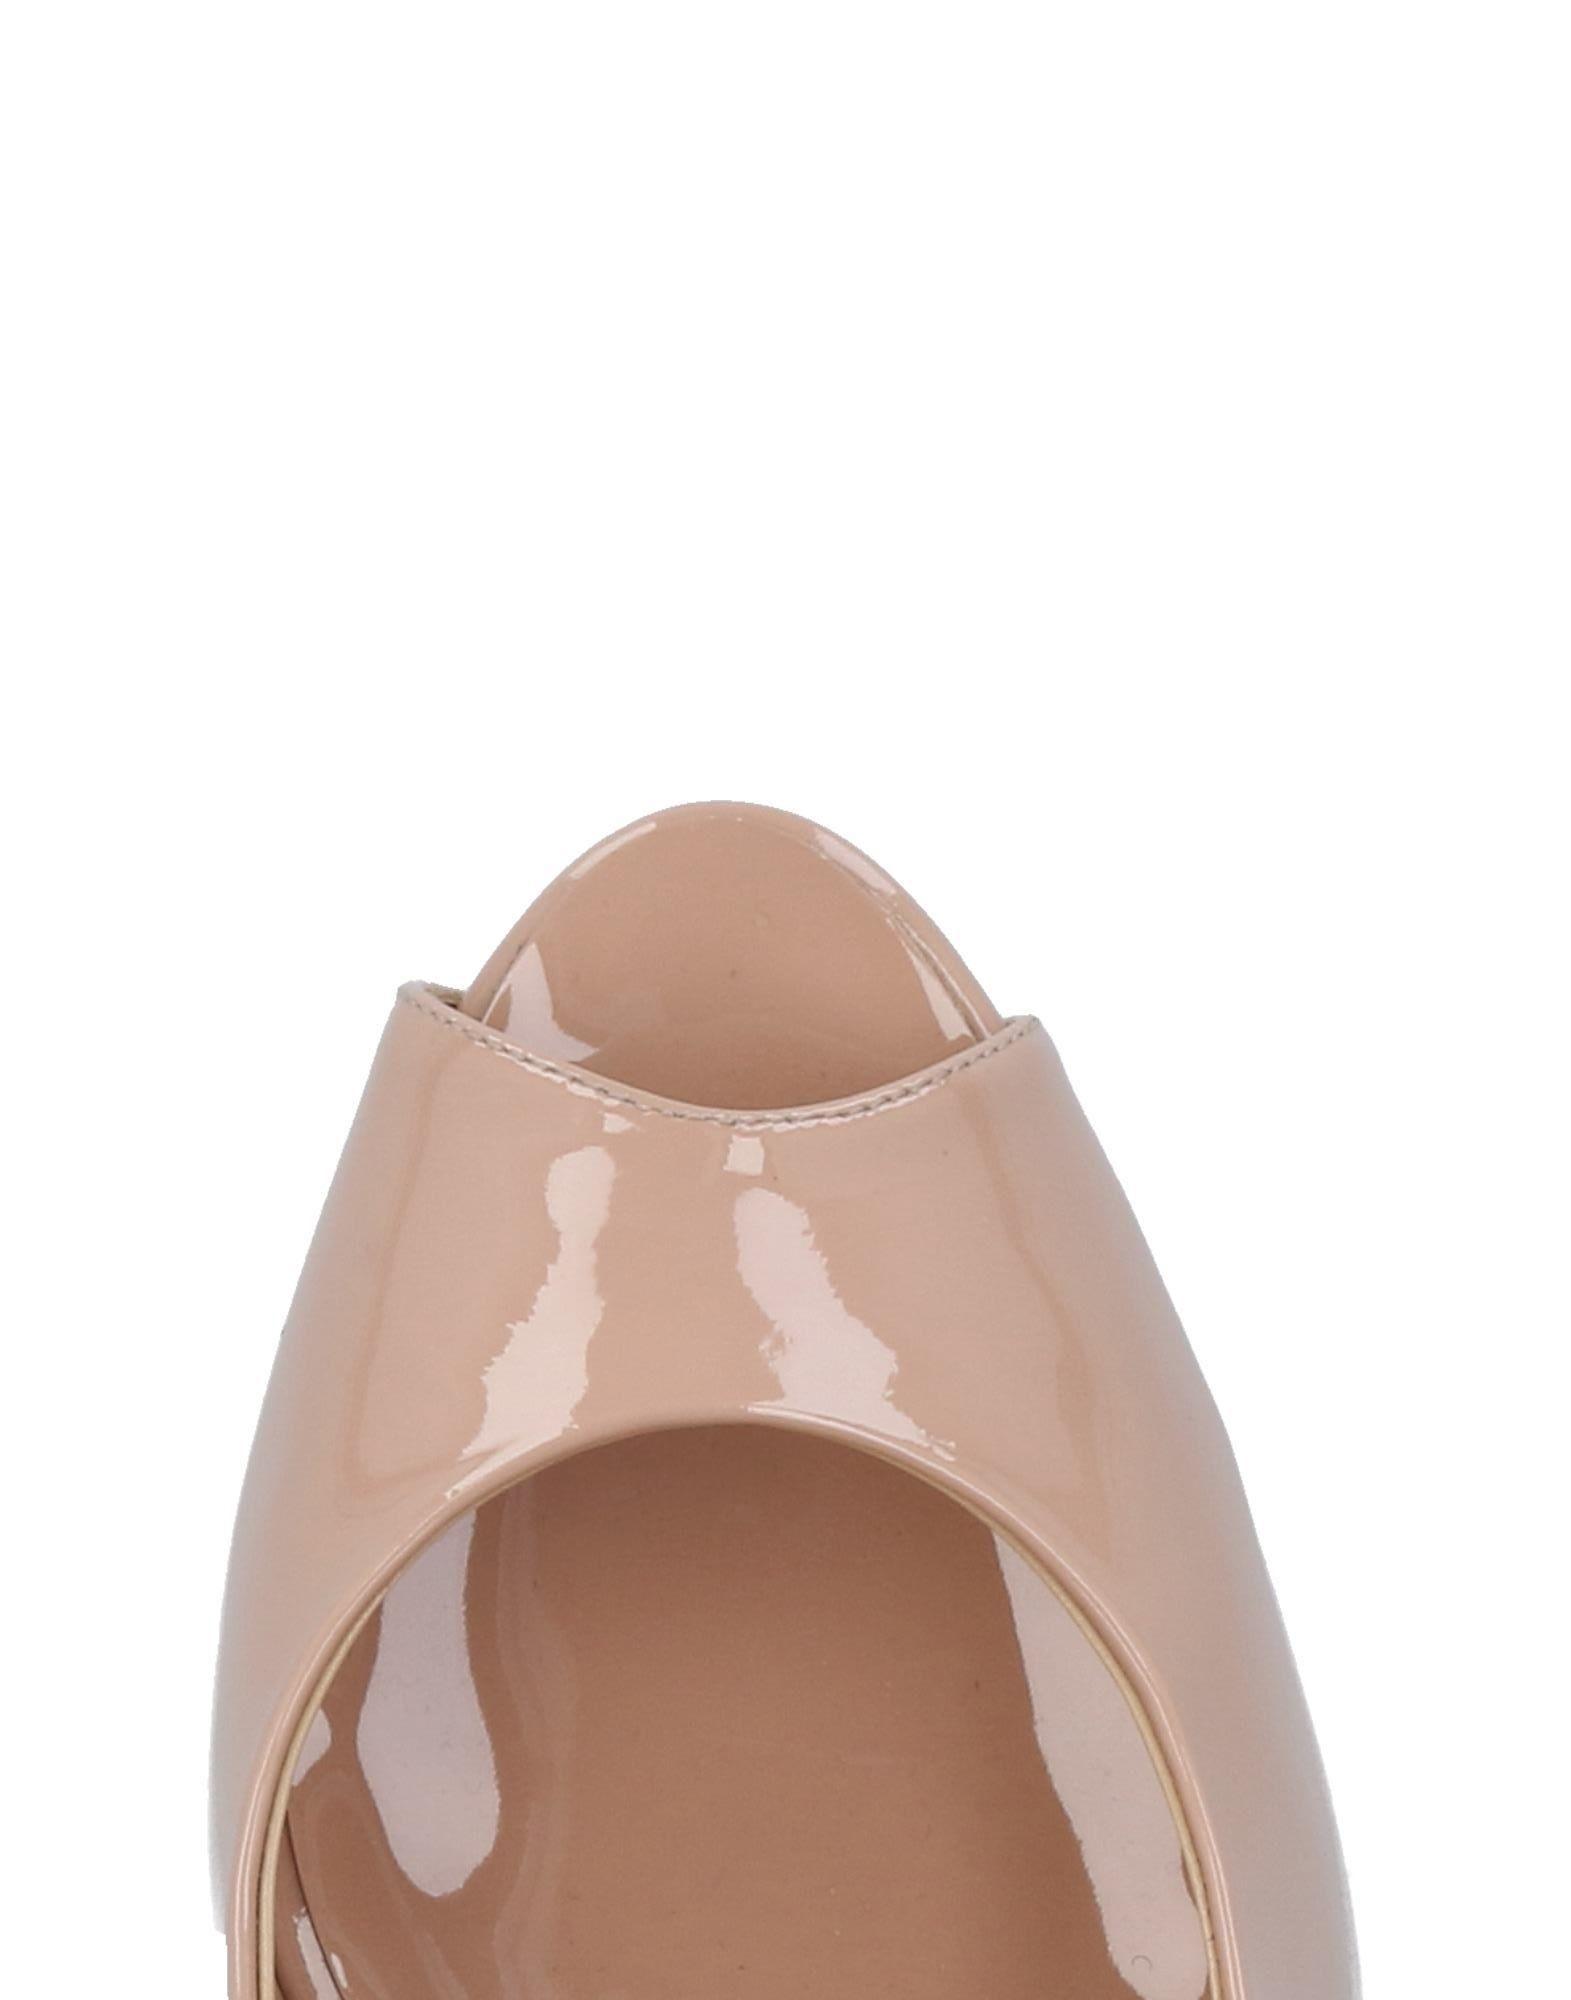 Gianmarco Lorenzi Pumps Damen  11488175RSGünstige gut aussehende Schuhe